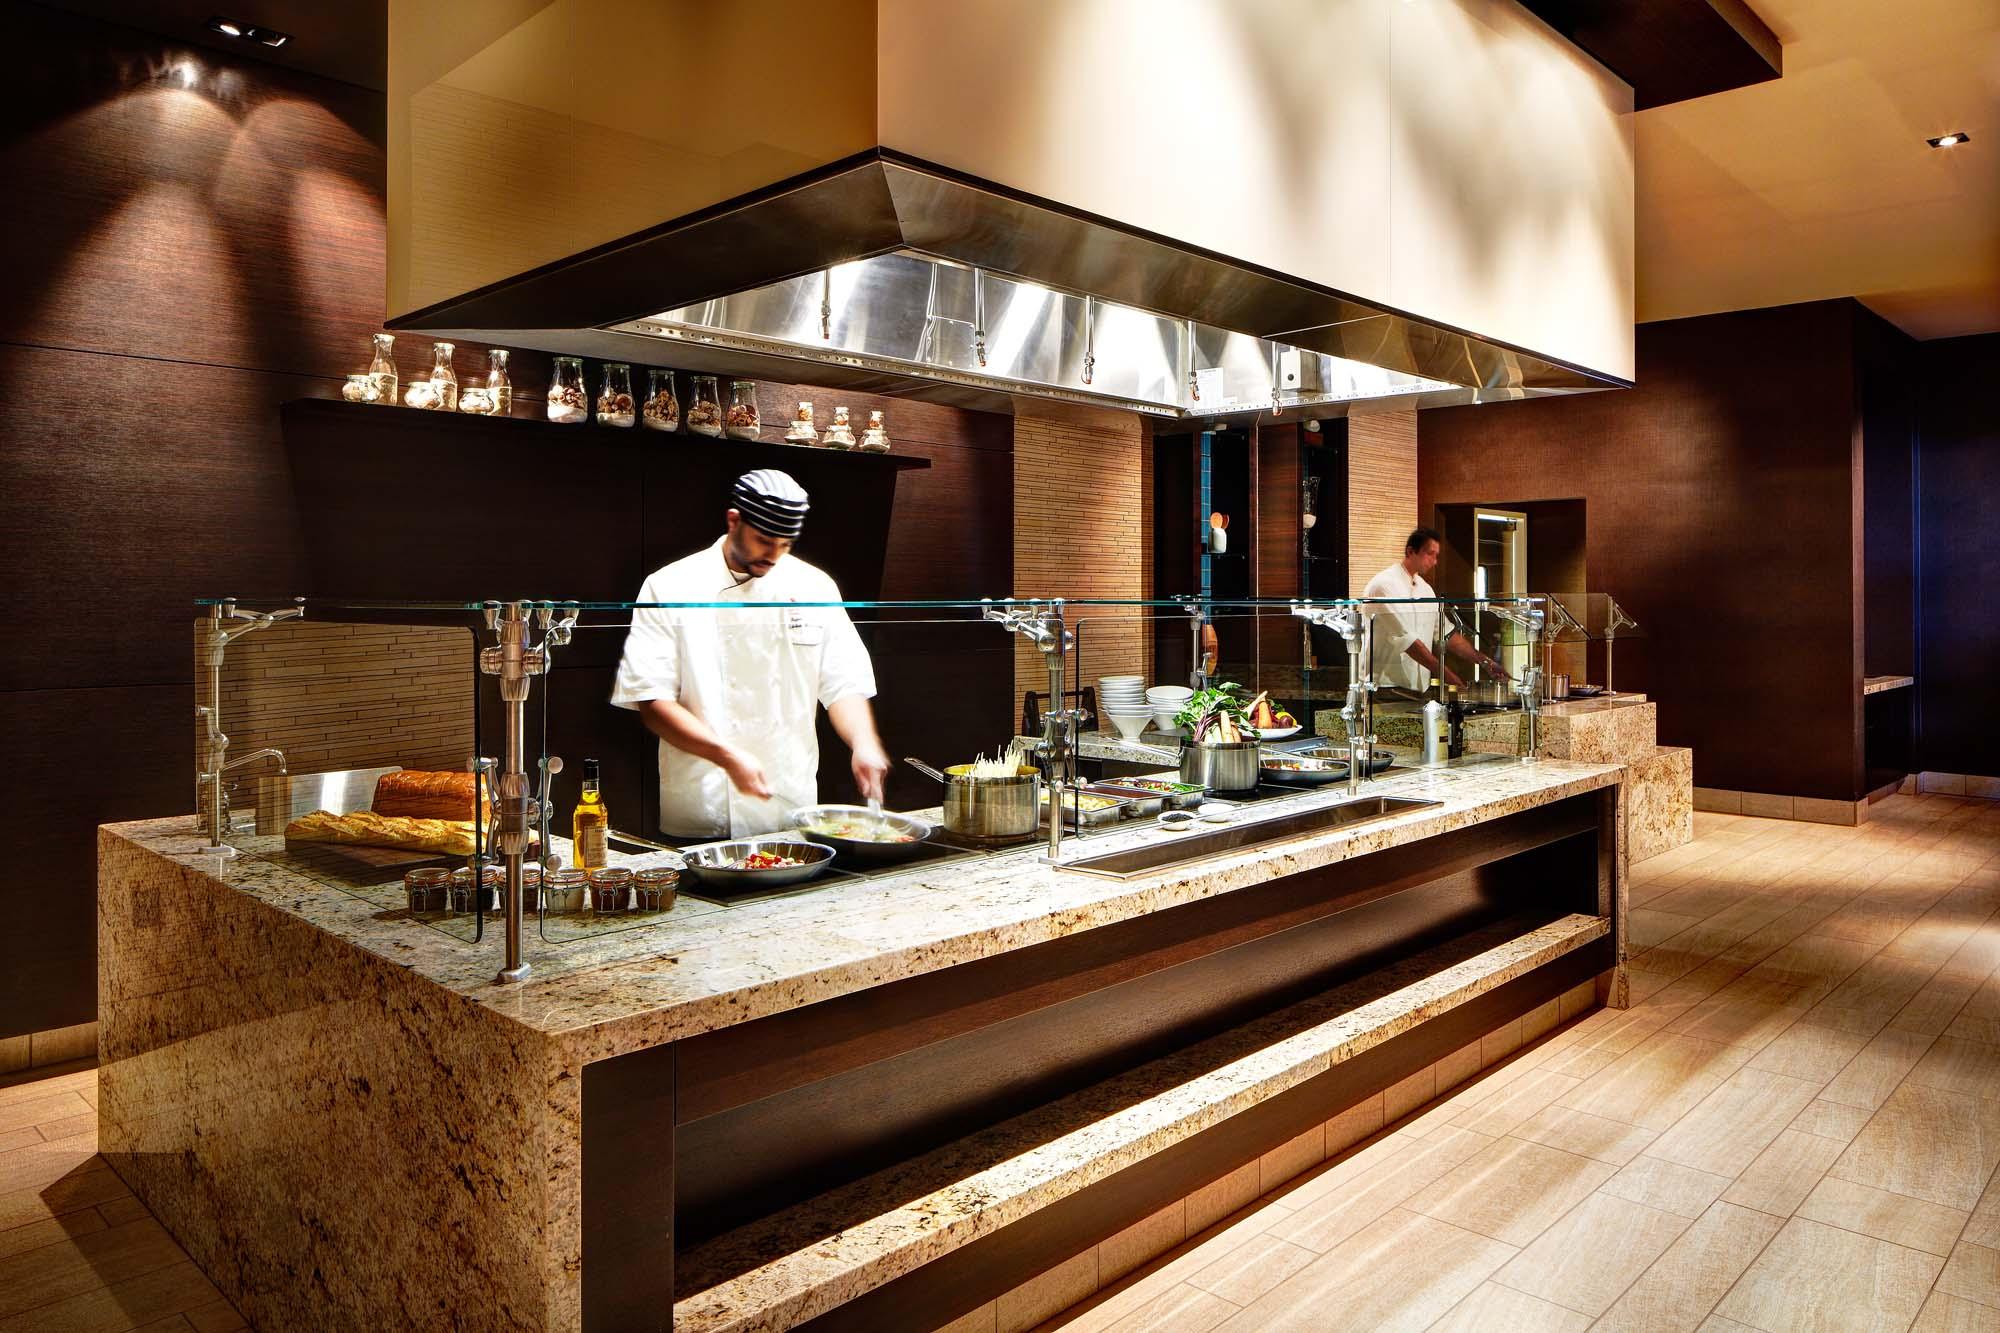 SANDT_Segarra_May2012_Marina_Kitchen_Buffet_f_with_cheffs.jpg